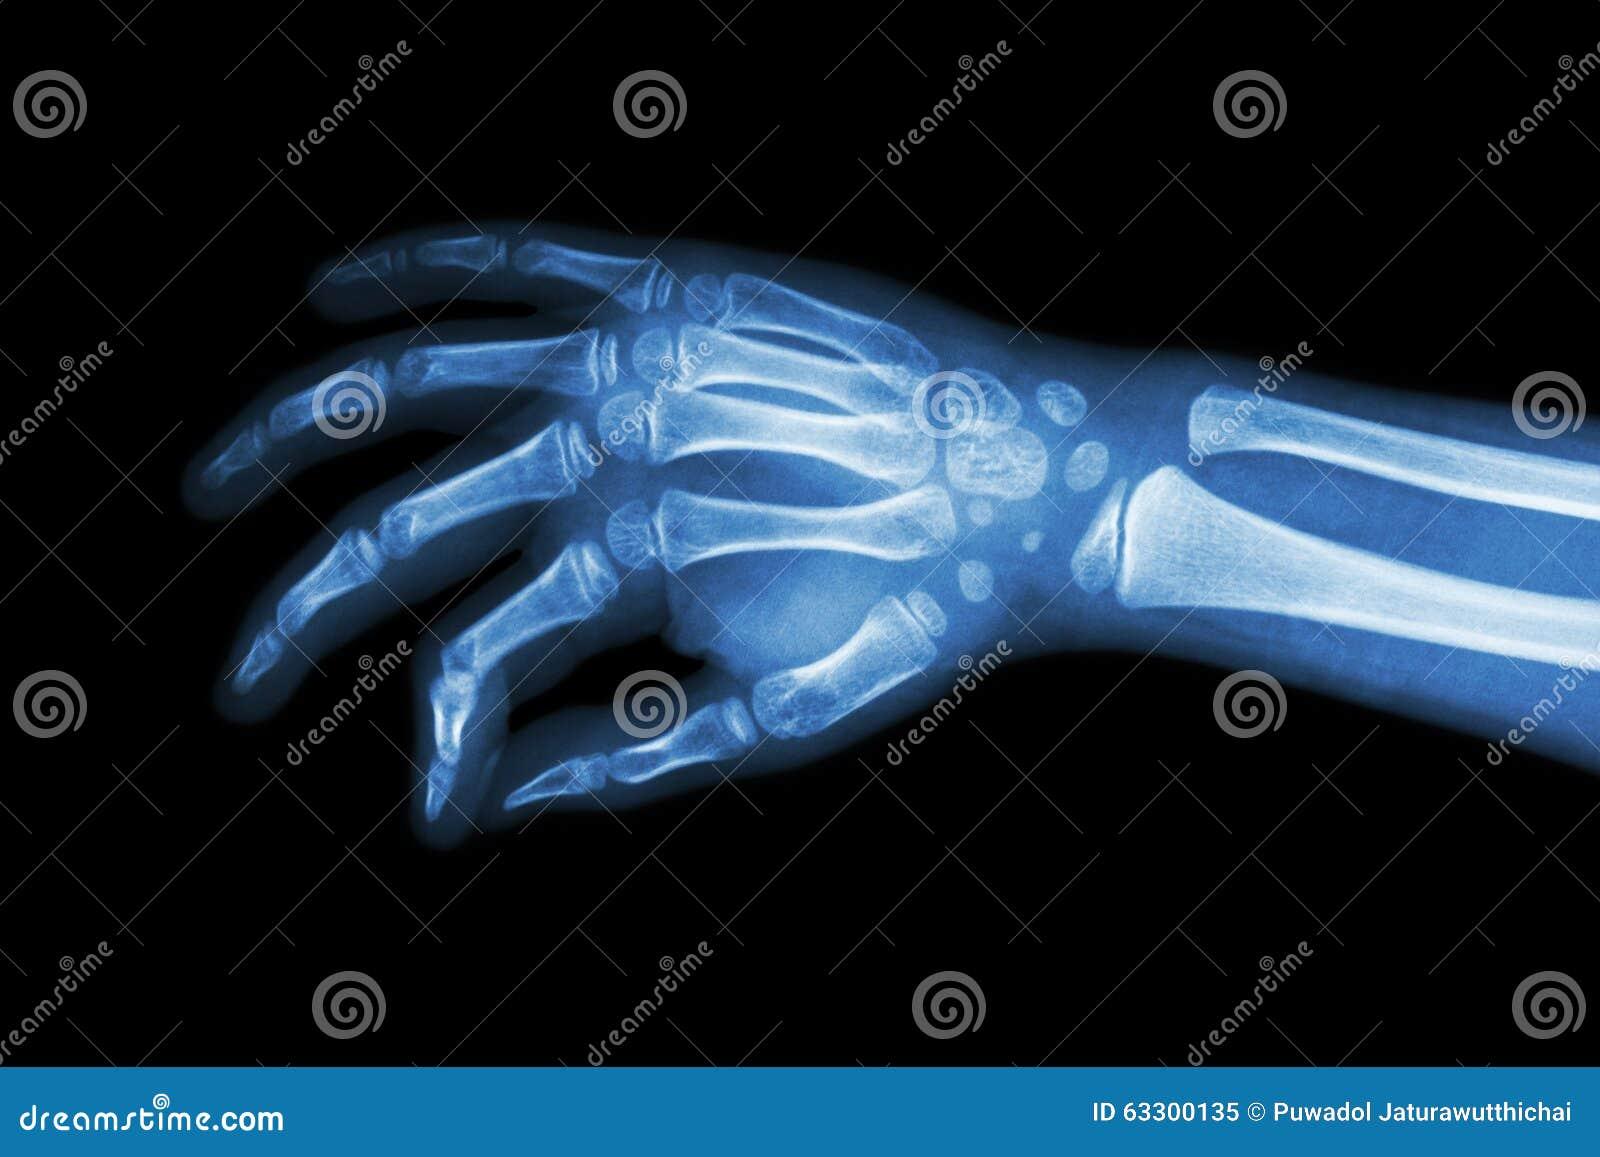 Ekranowa promieniowanie rentgenowskie ręka dziecko (pochylony widok)